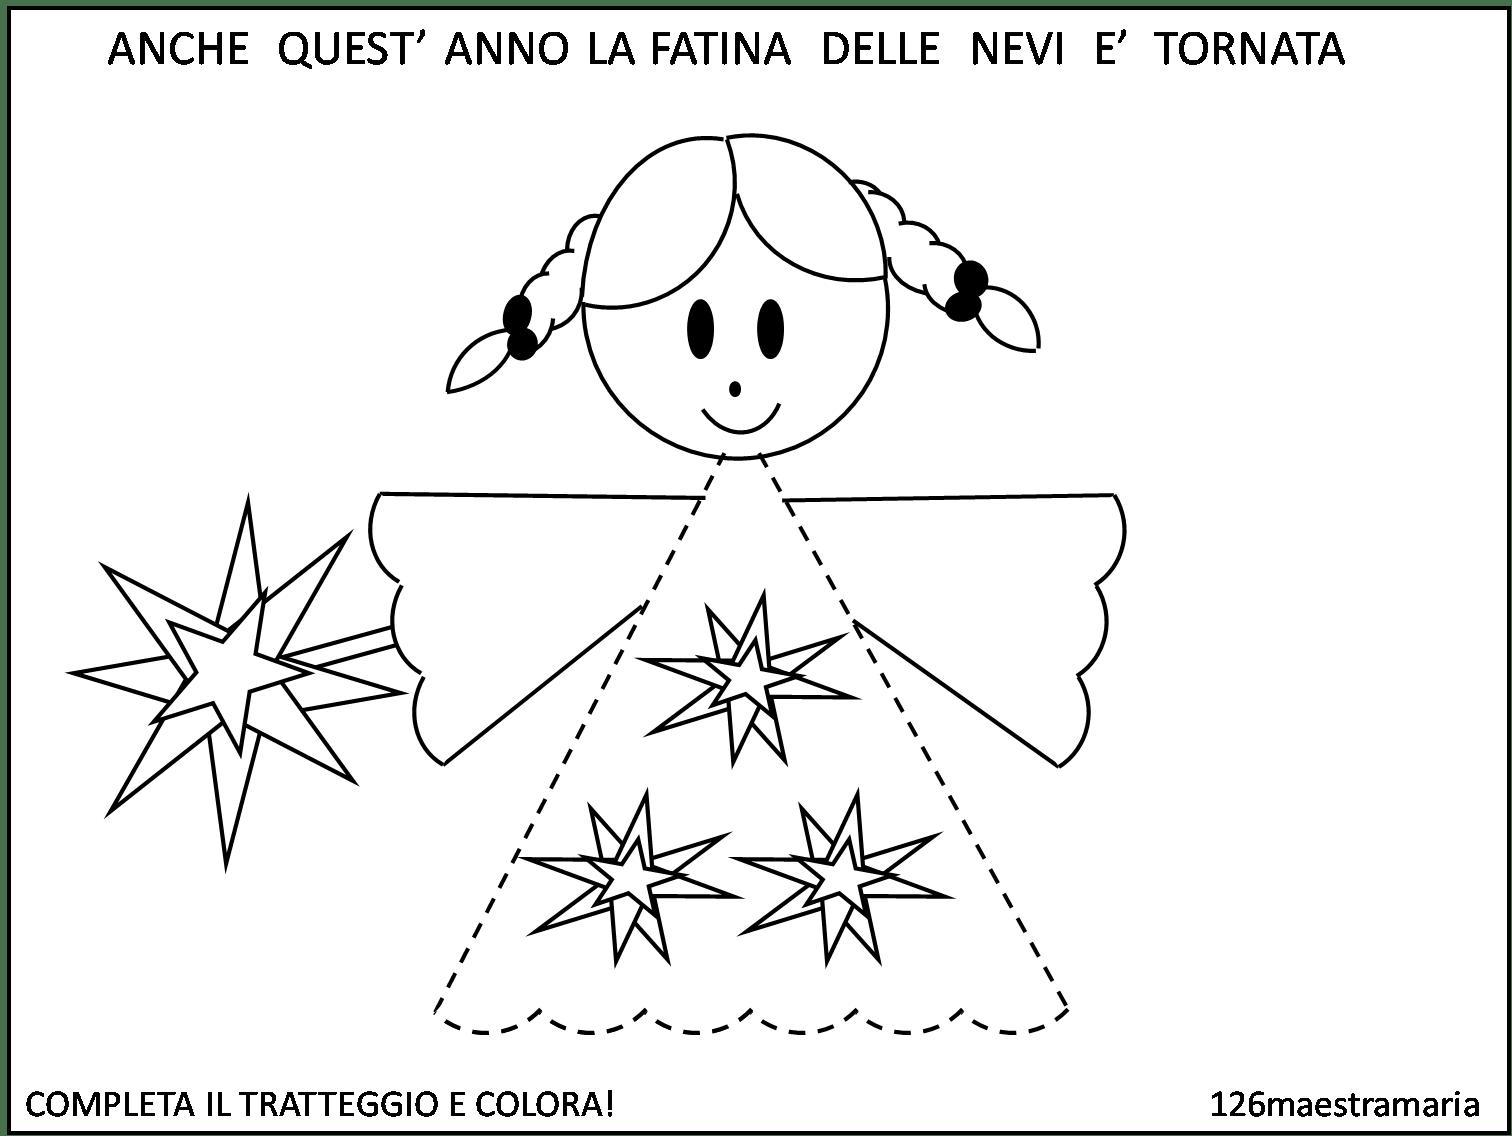 Risorse Didatiche Maestramaria